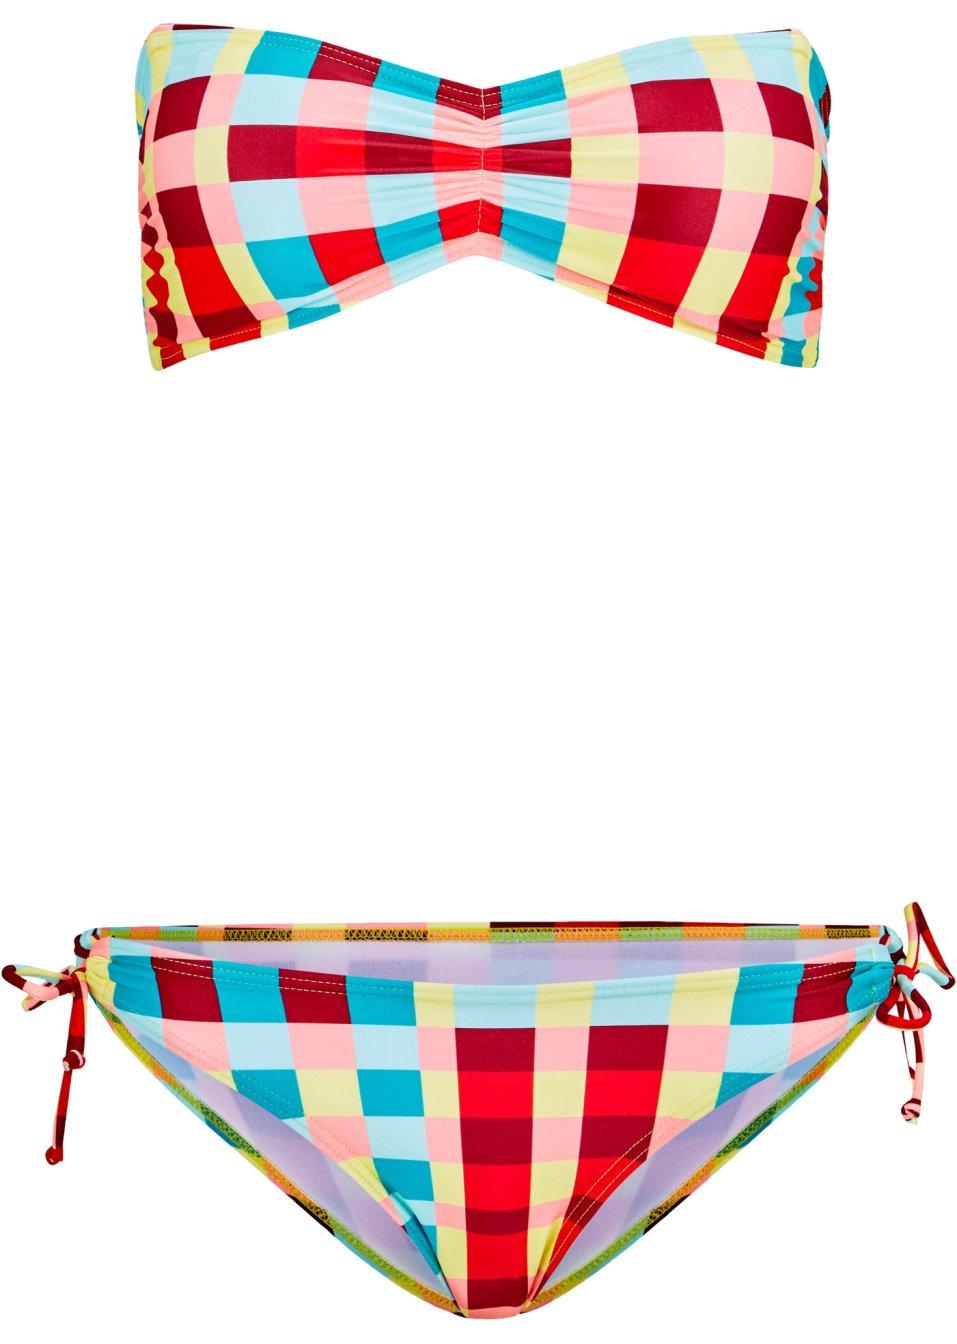 Modischer Bandeau Bikini aus nachhaltigem Econyl- A und B Cup geeignet - koralle/gelb/grün kariert fqlgK wIpXz